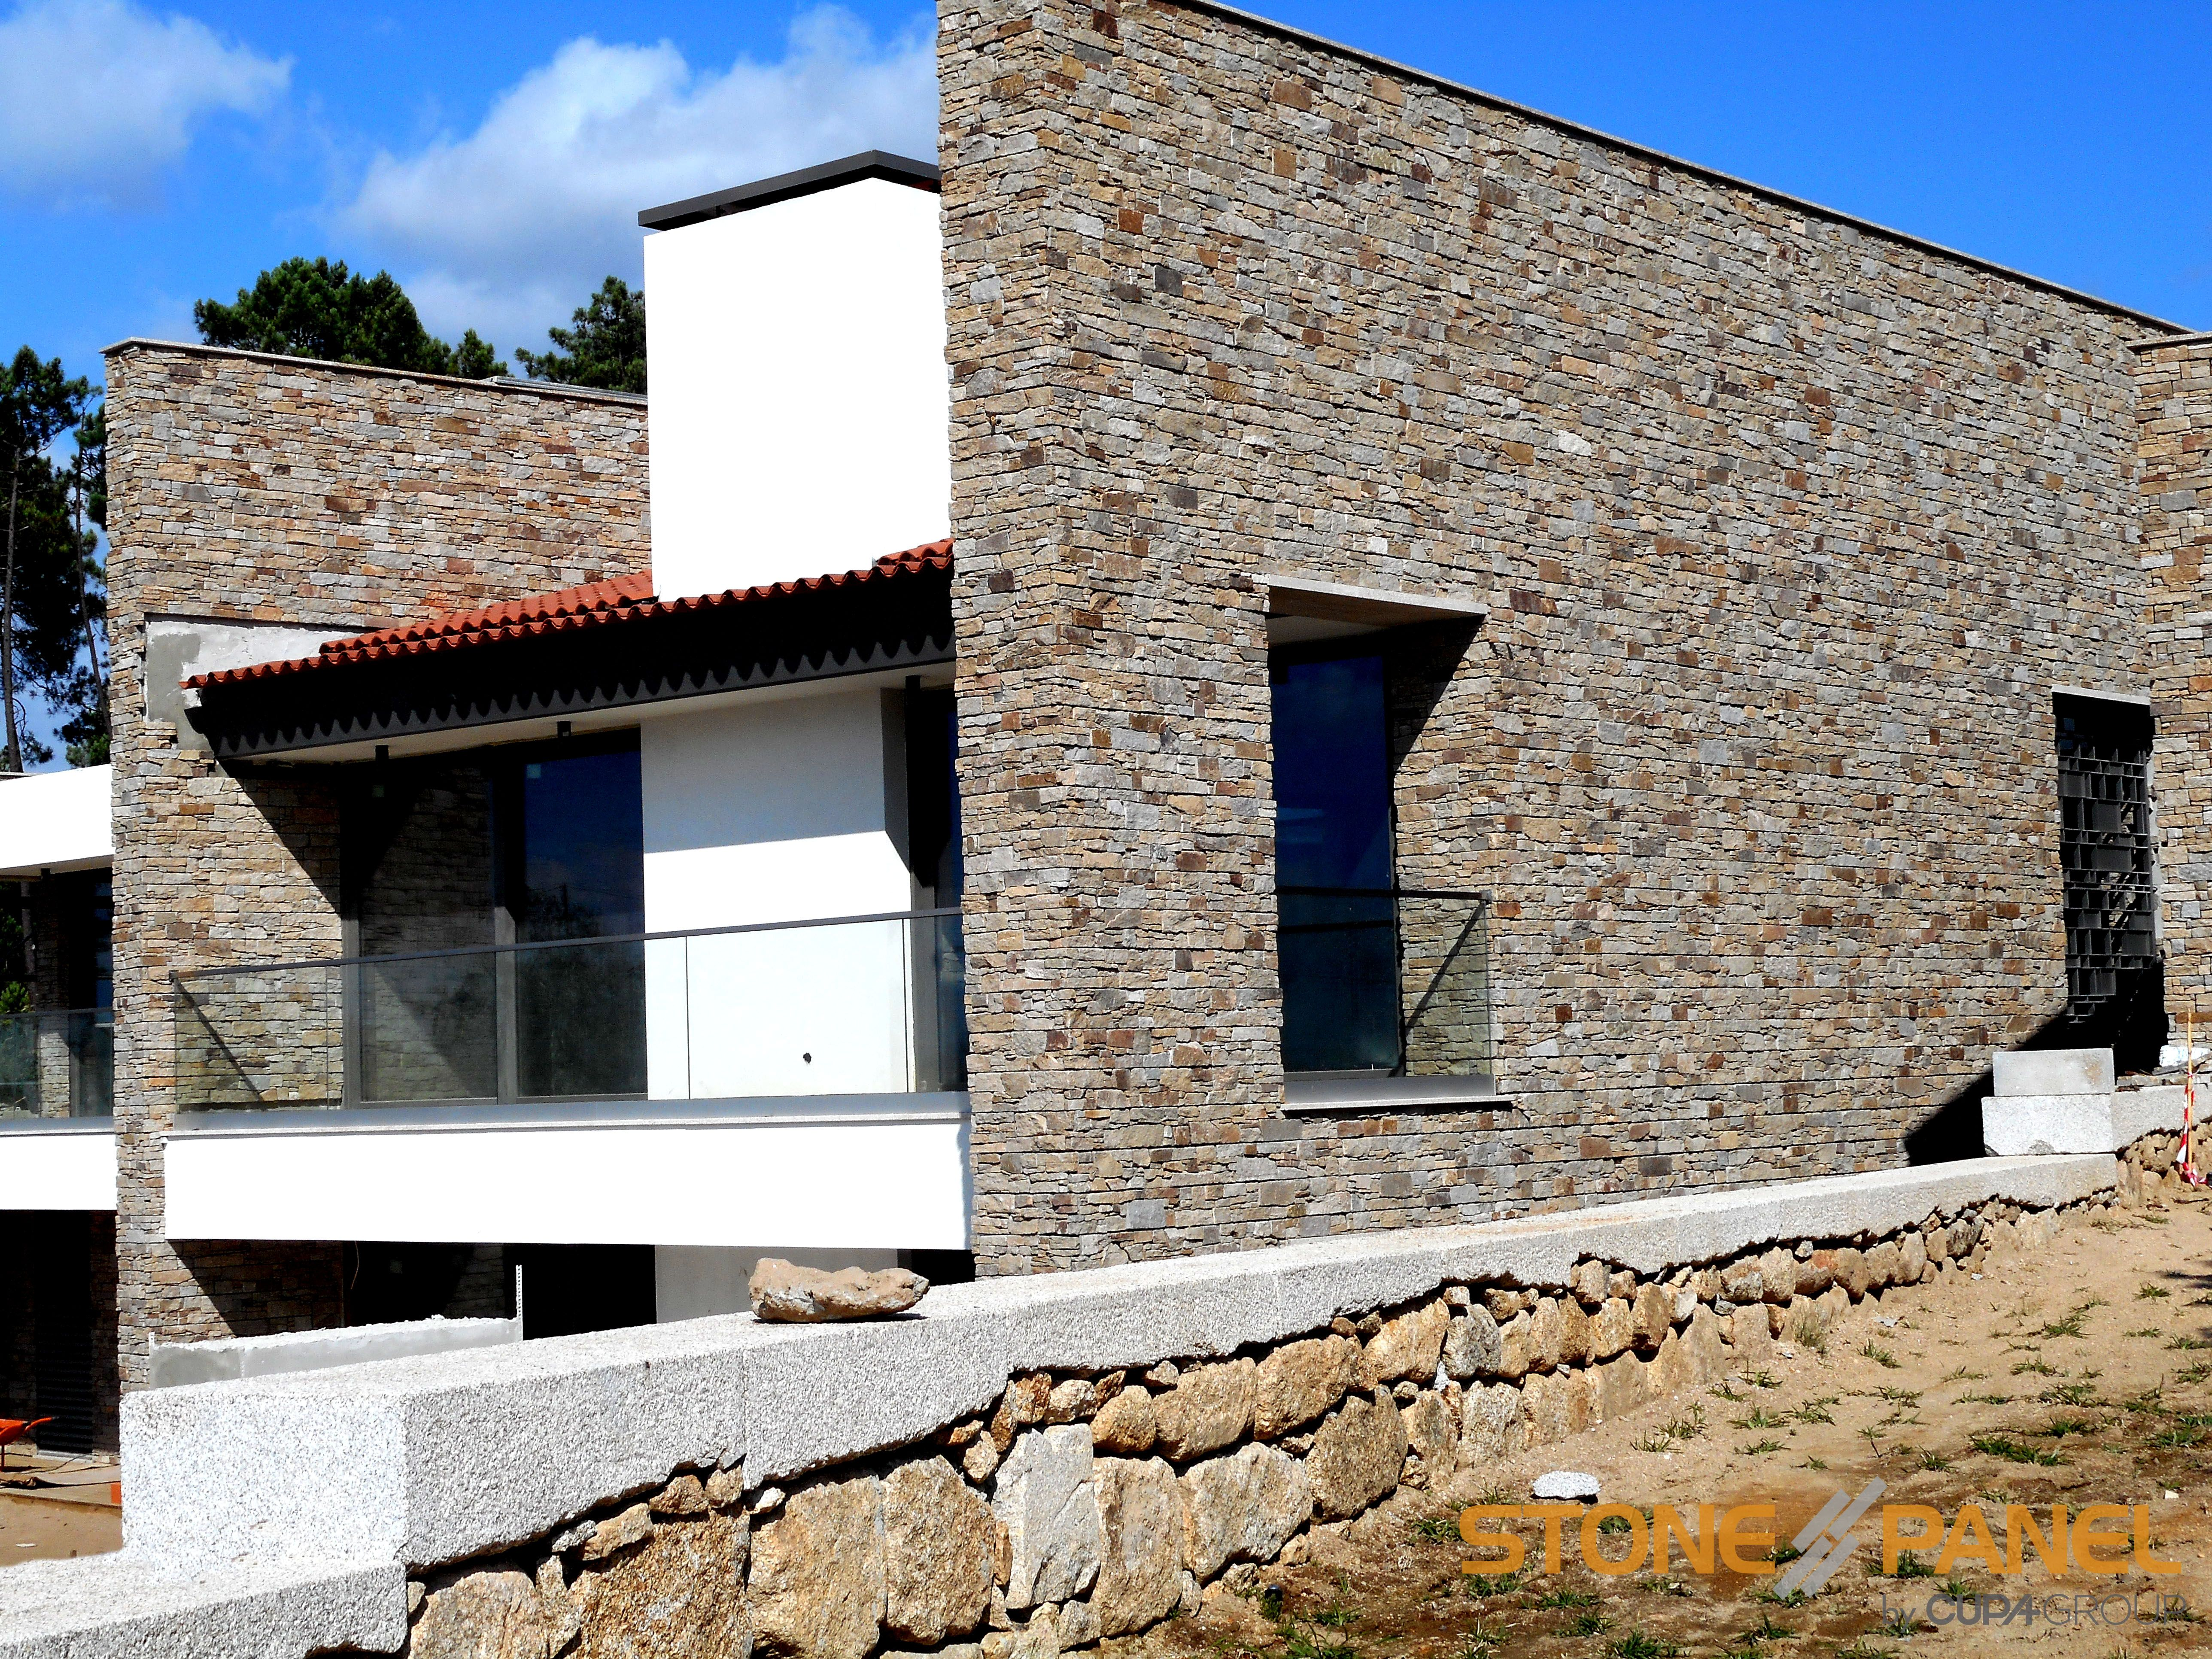 Arquitectura Contemporánea En Un Entorno Natural Gracias A Un Revestimiento  De Piedra Natural, STONEPANEL®